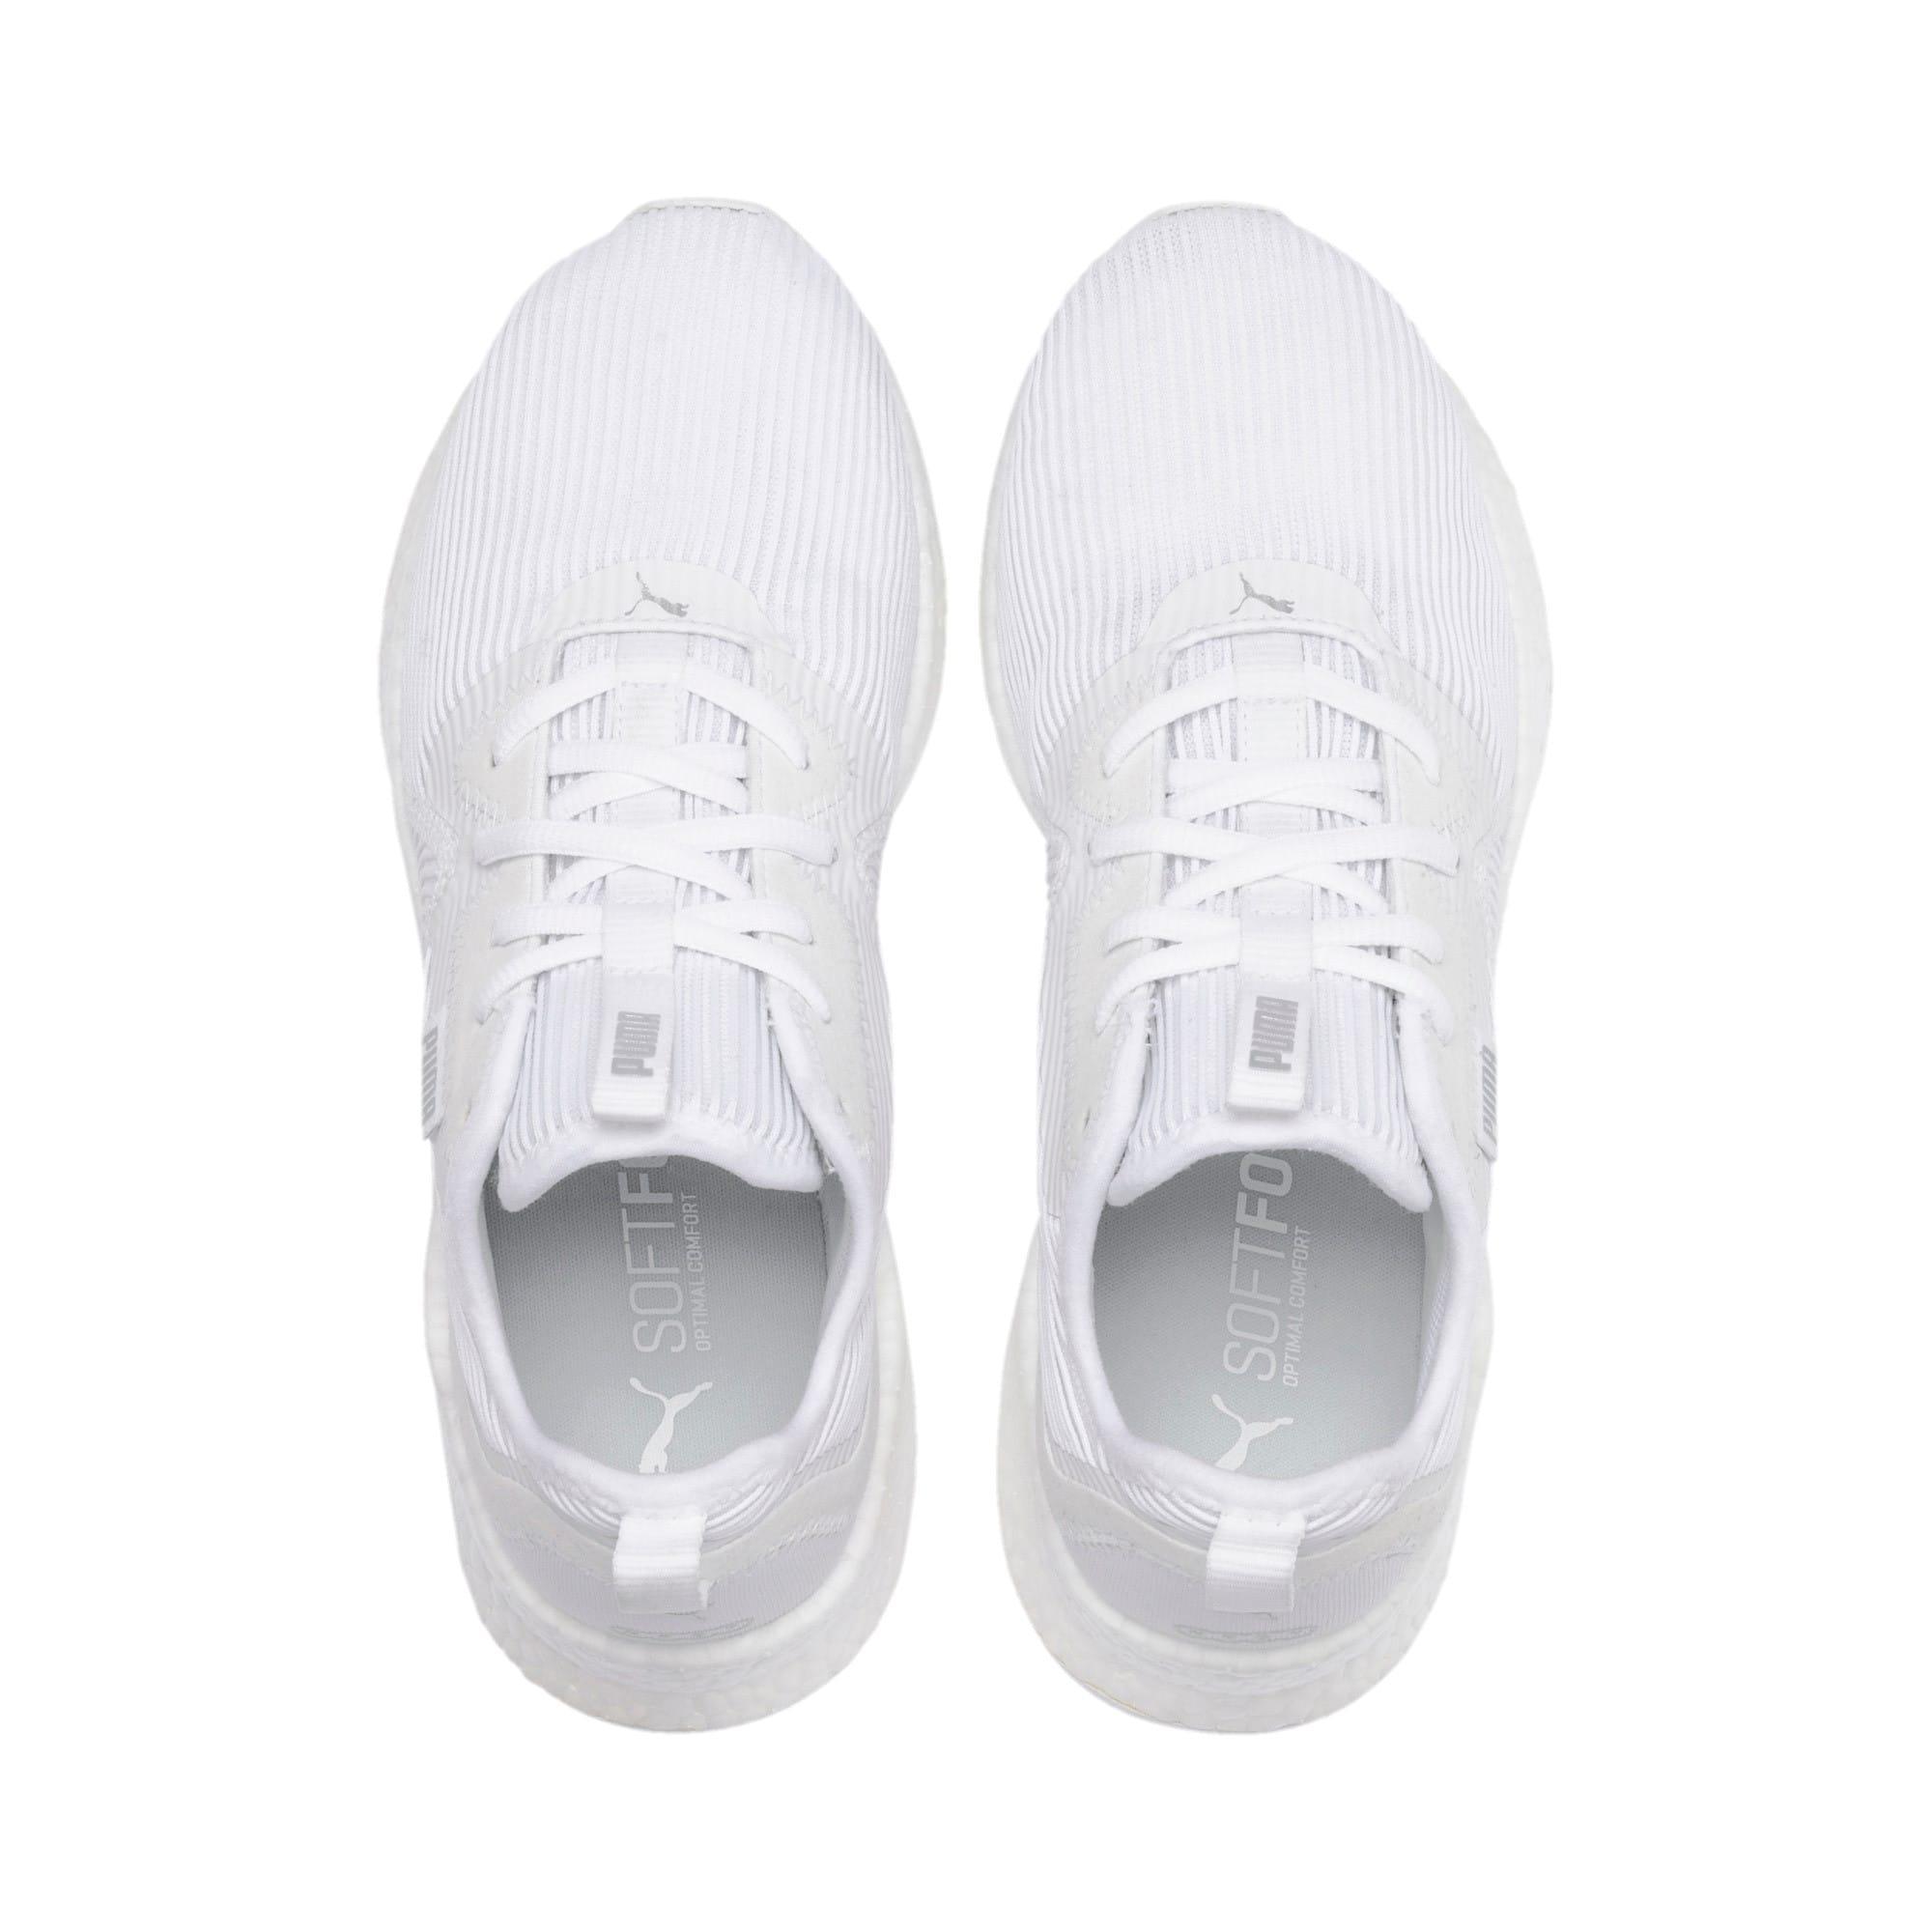 Miniatura 7 de Zapatos para correr NRGY Star Femme para mujer, Puma White-Puma Silver, mediano